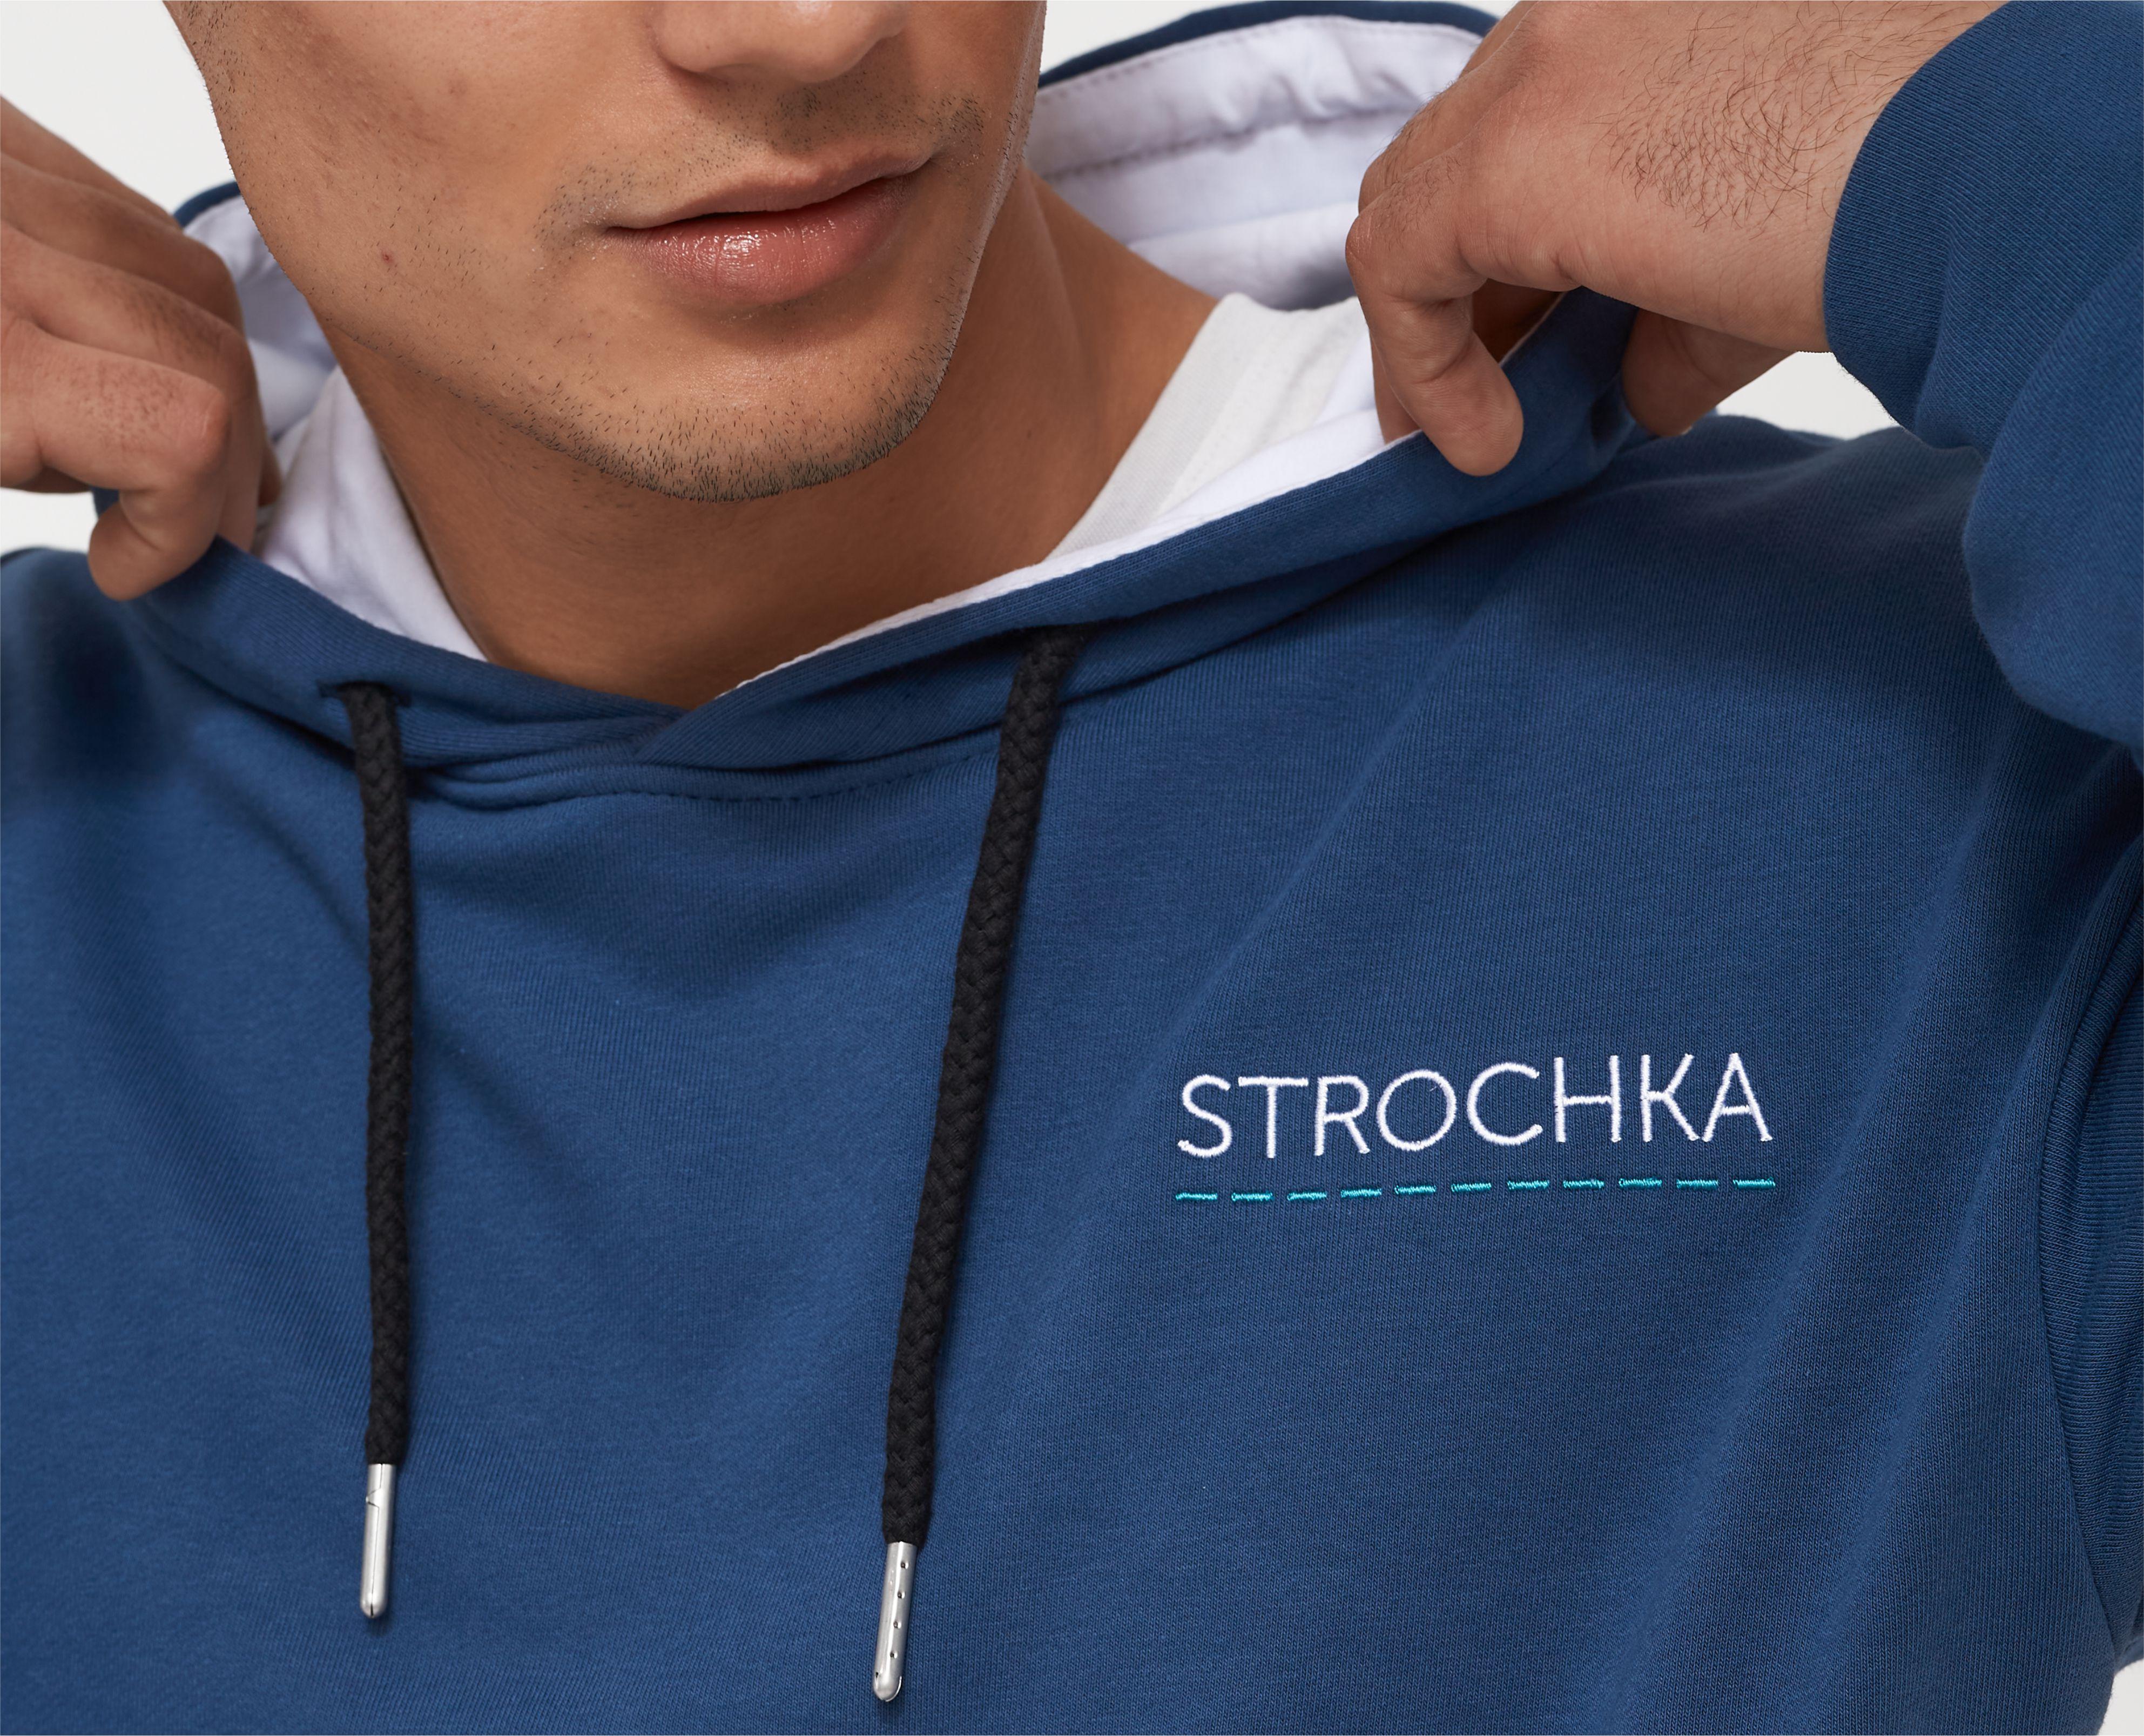 Создаем качественную одежду по индивидуальному дизайну с 2007 года